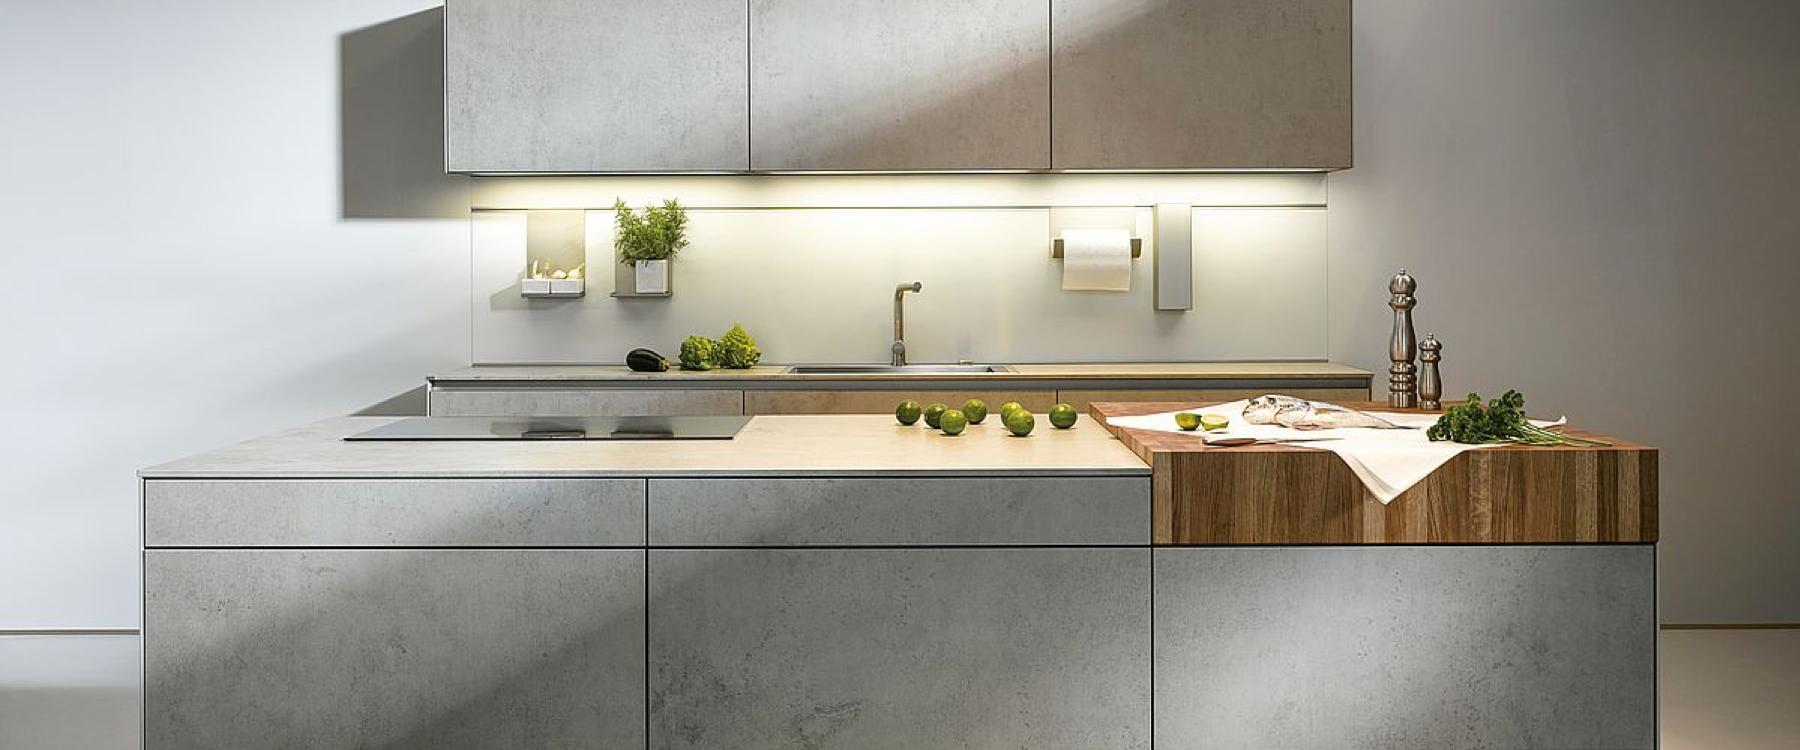 NEXT125: Next125 Küchen vergleichen + Next125 Küche planen mit ...